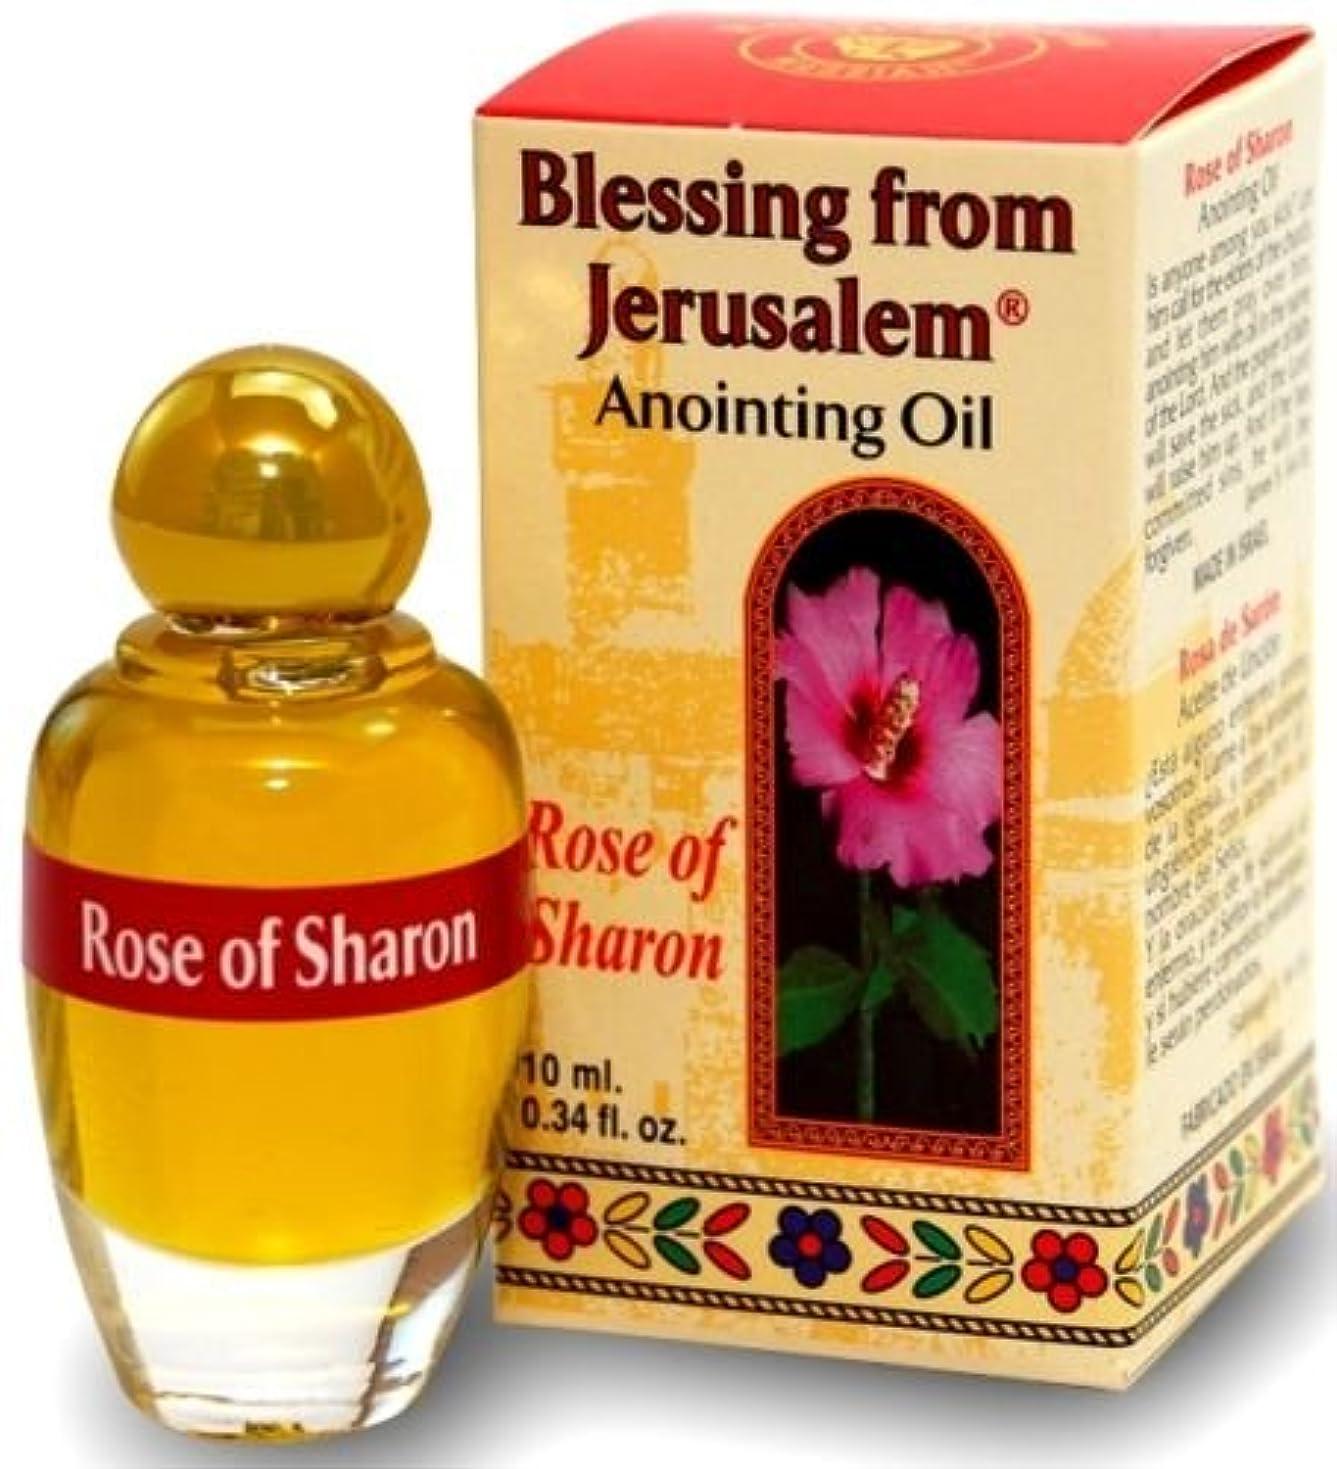 高度疾患ブローホールローズRosa of Sharon AnointingオイルBlessing of Jerusalem Stunning Smell 10 ml byベツレヘムギフトTM